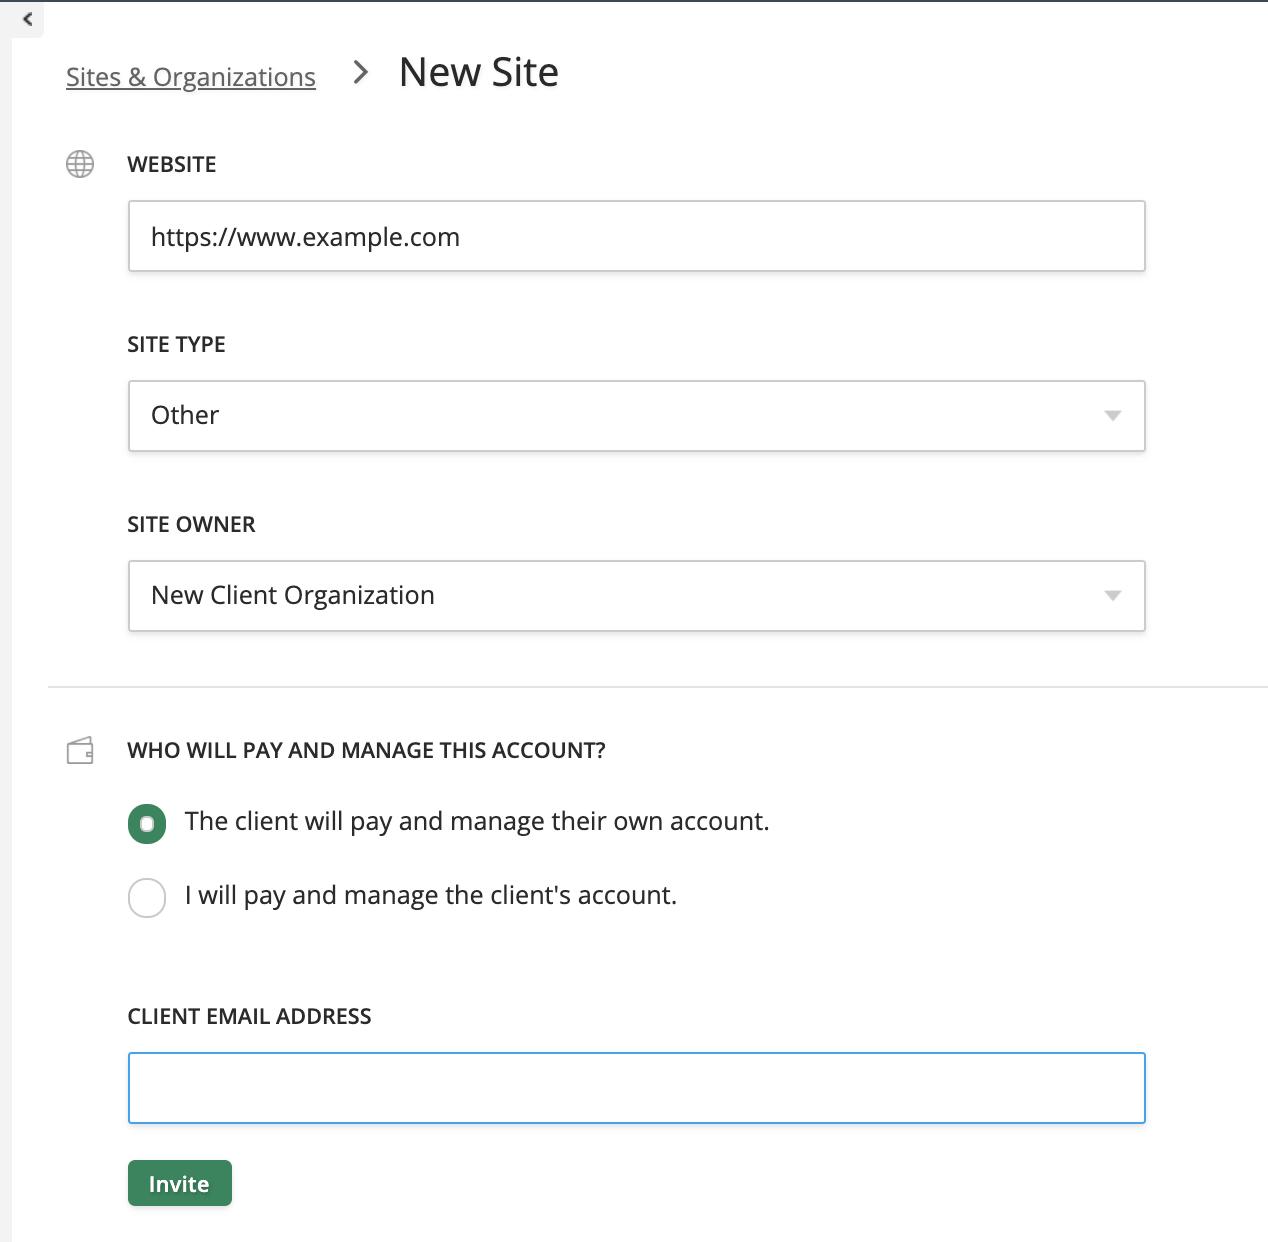 client site details